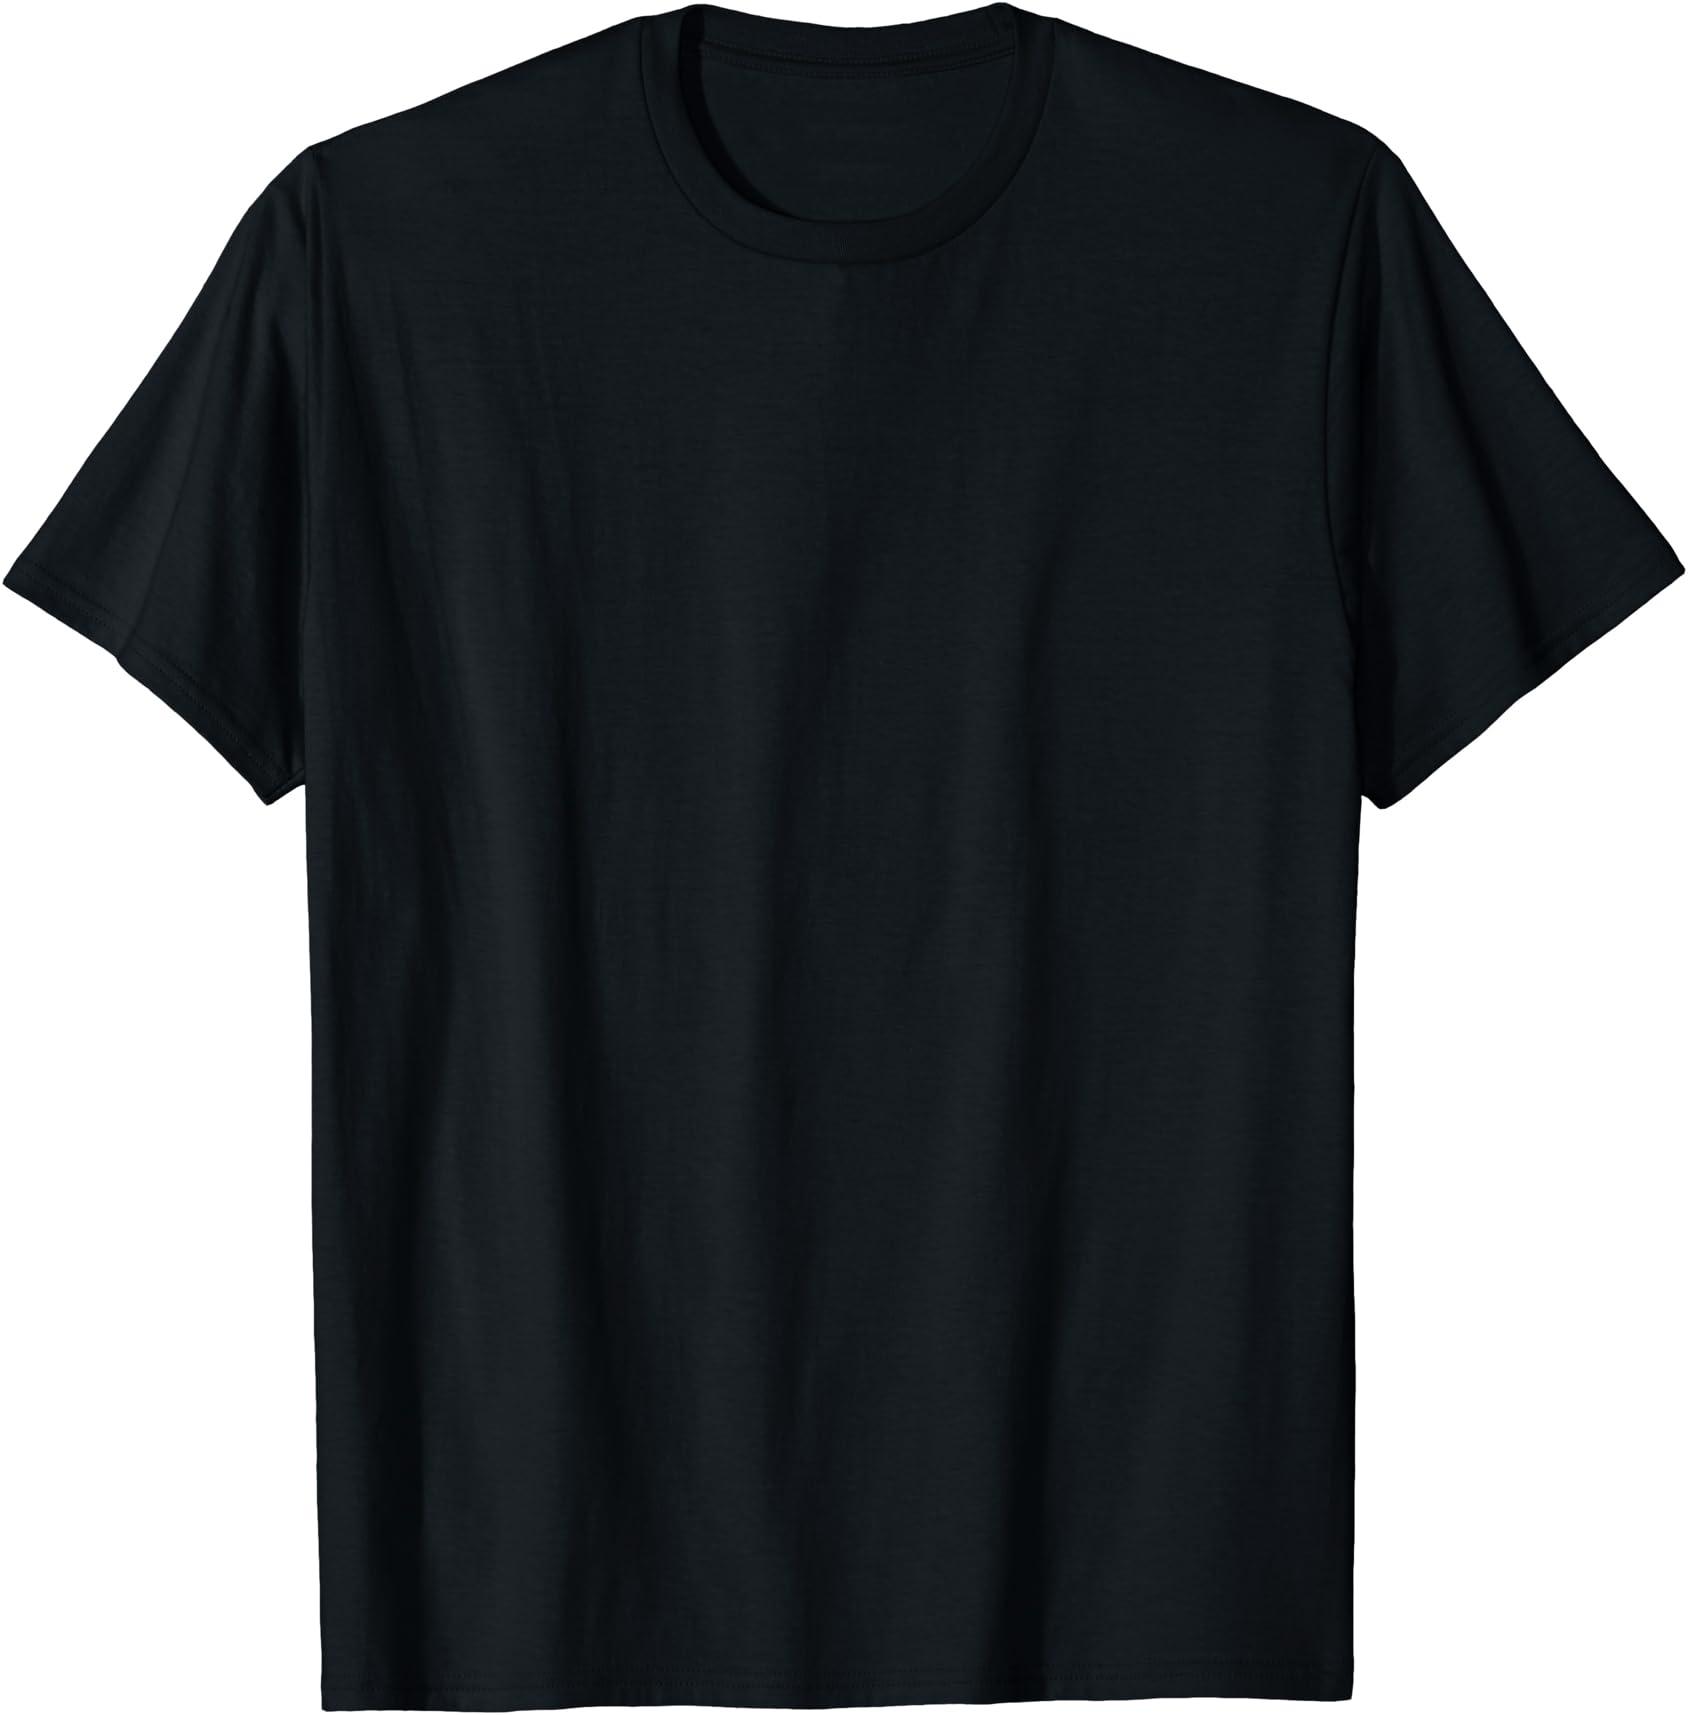 I Love Math Unisex Youths Short Sleeve T-Shirt Kids T-Shirt Tops